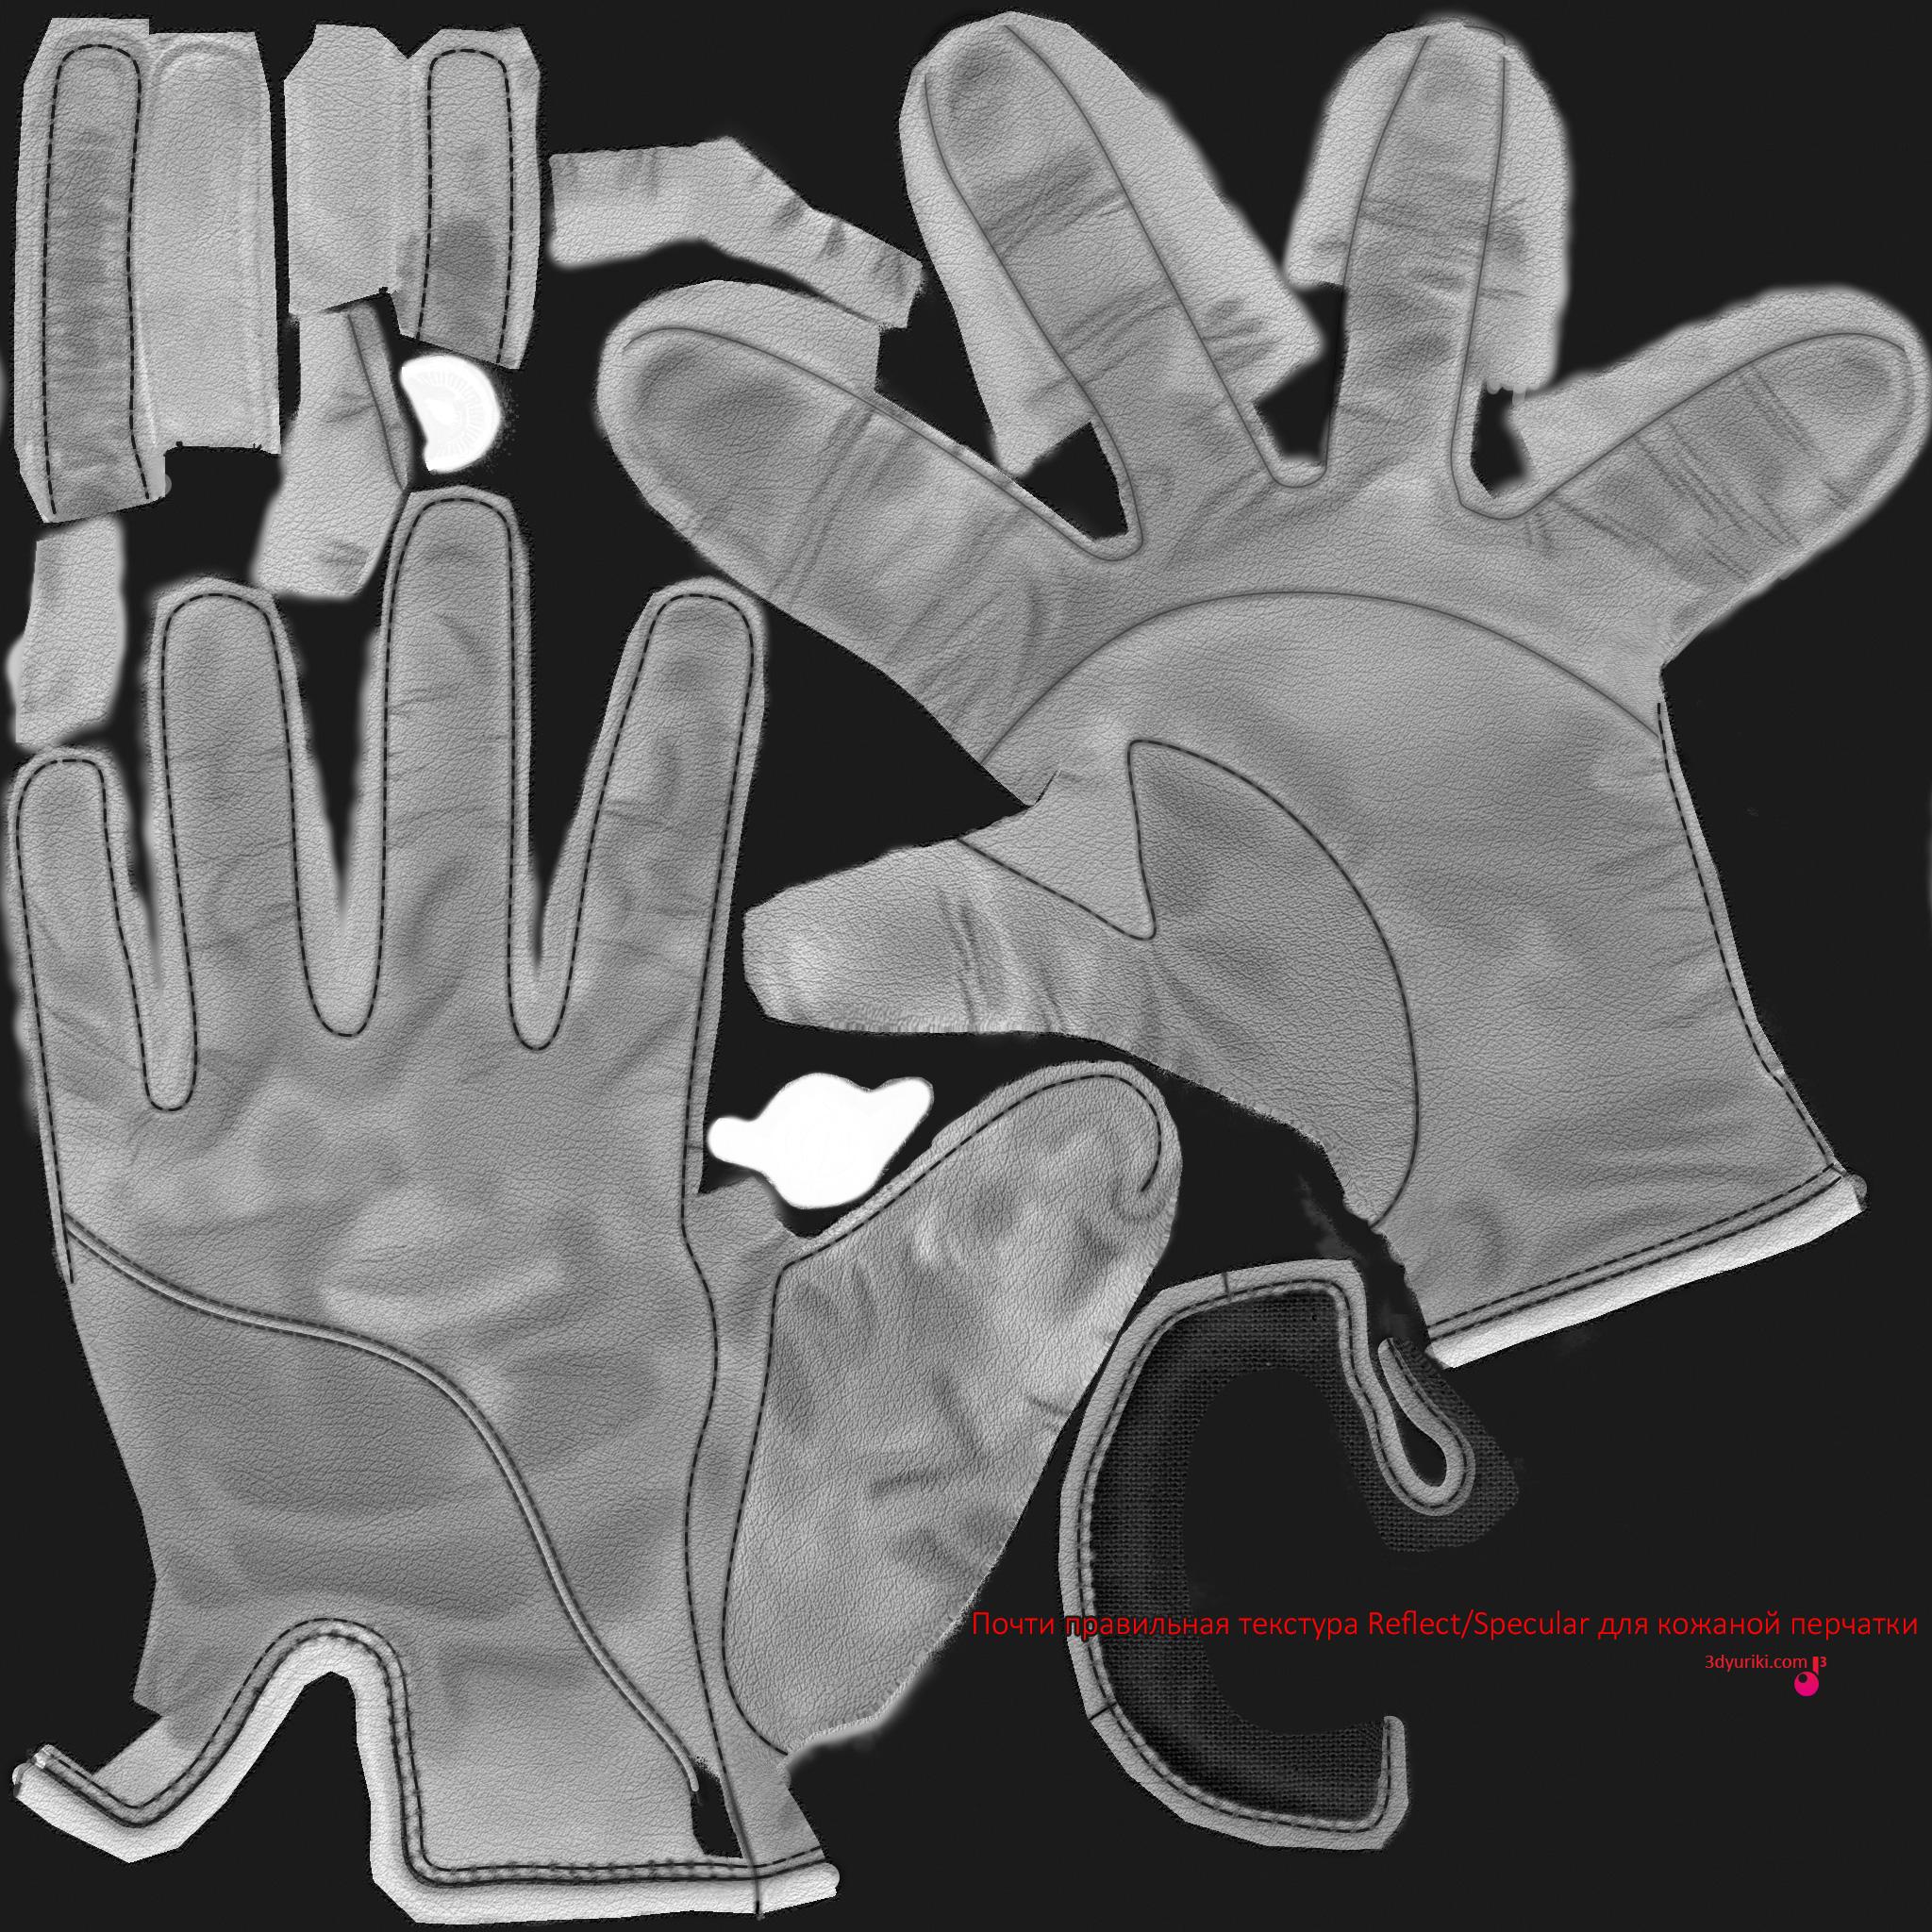 Правильная текстура Specular/Reflect для кожаной перчатки